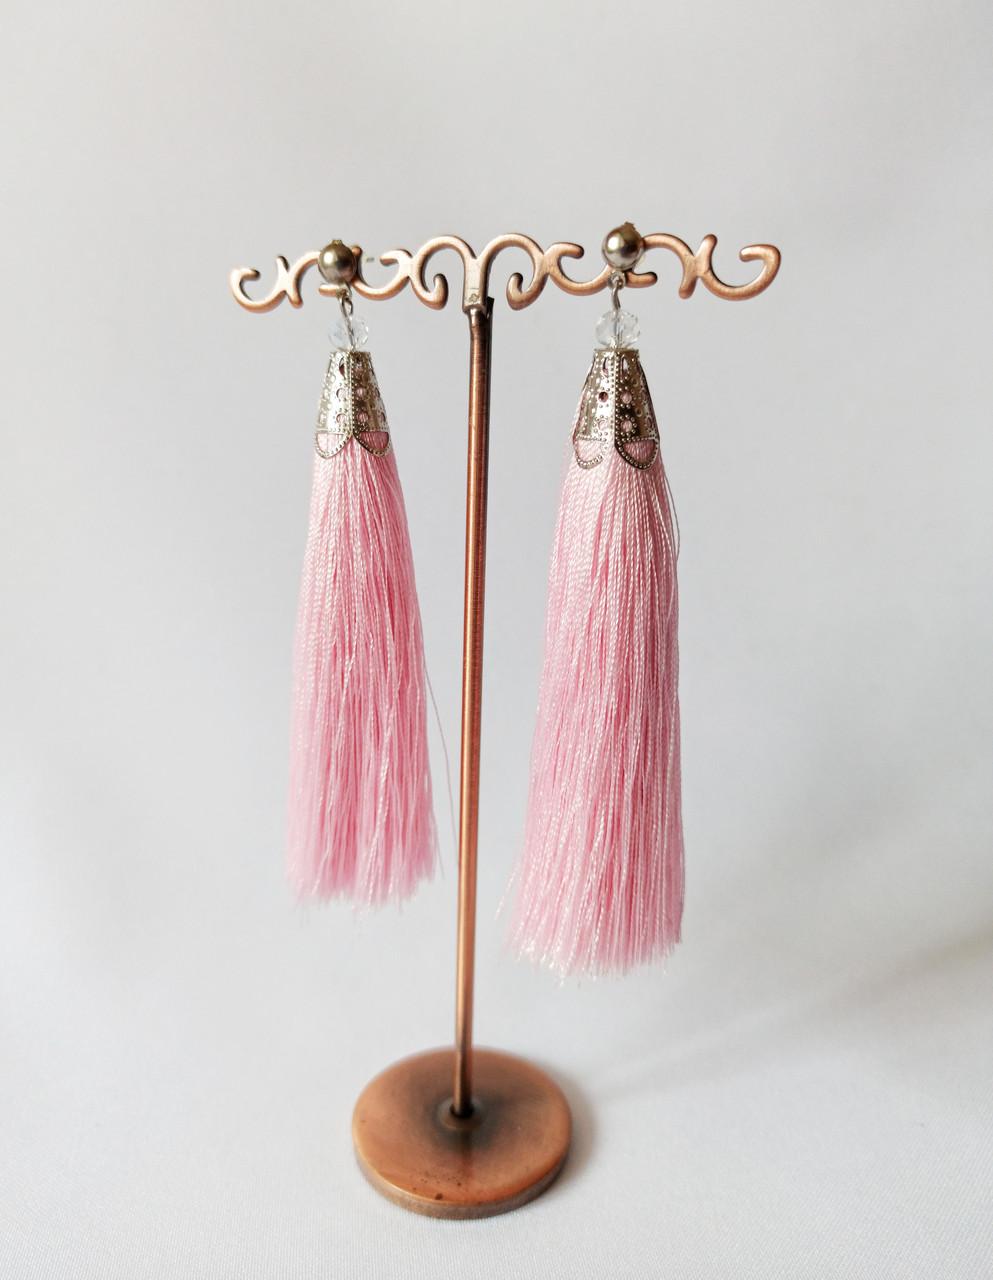 Летние серьги кисти, вечерние сережки, шелковая нить, цвет розовый